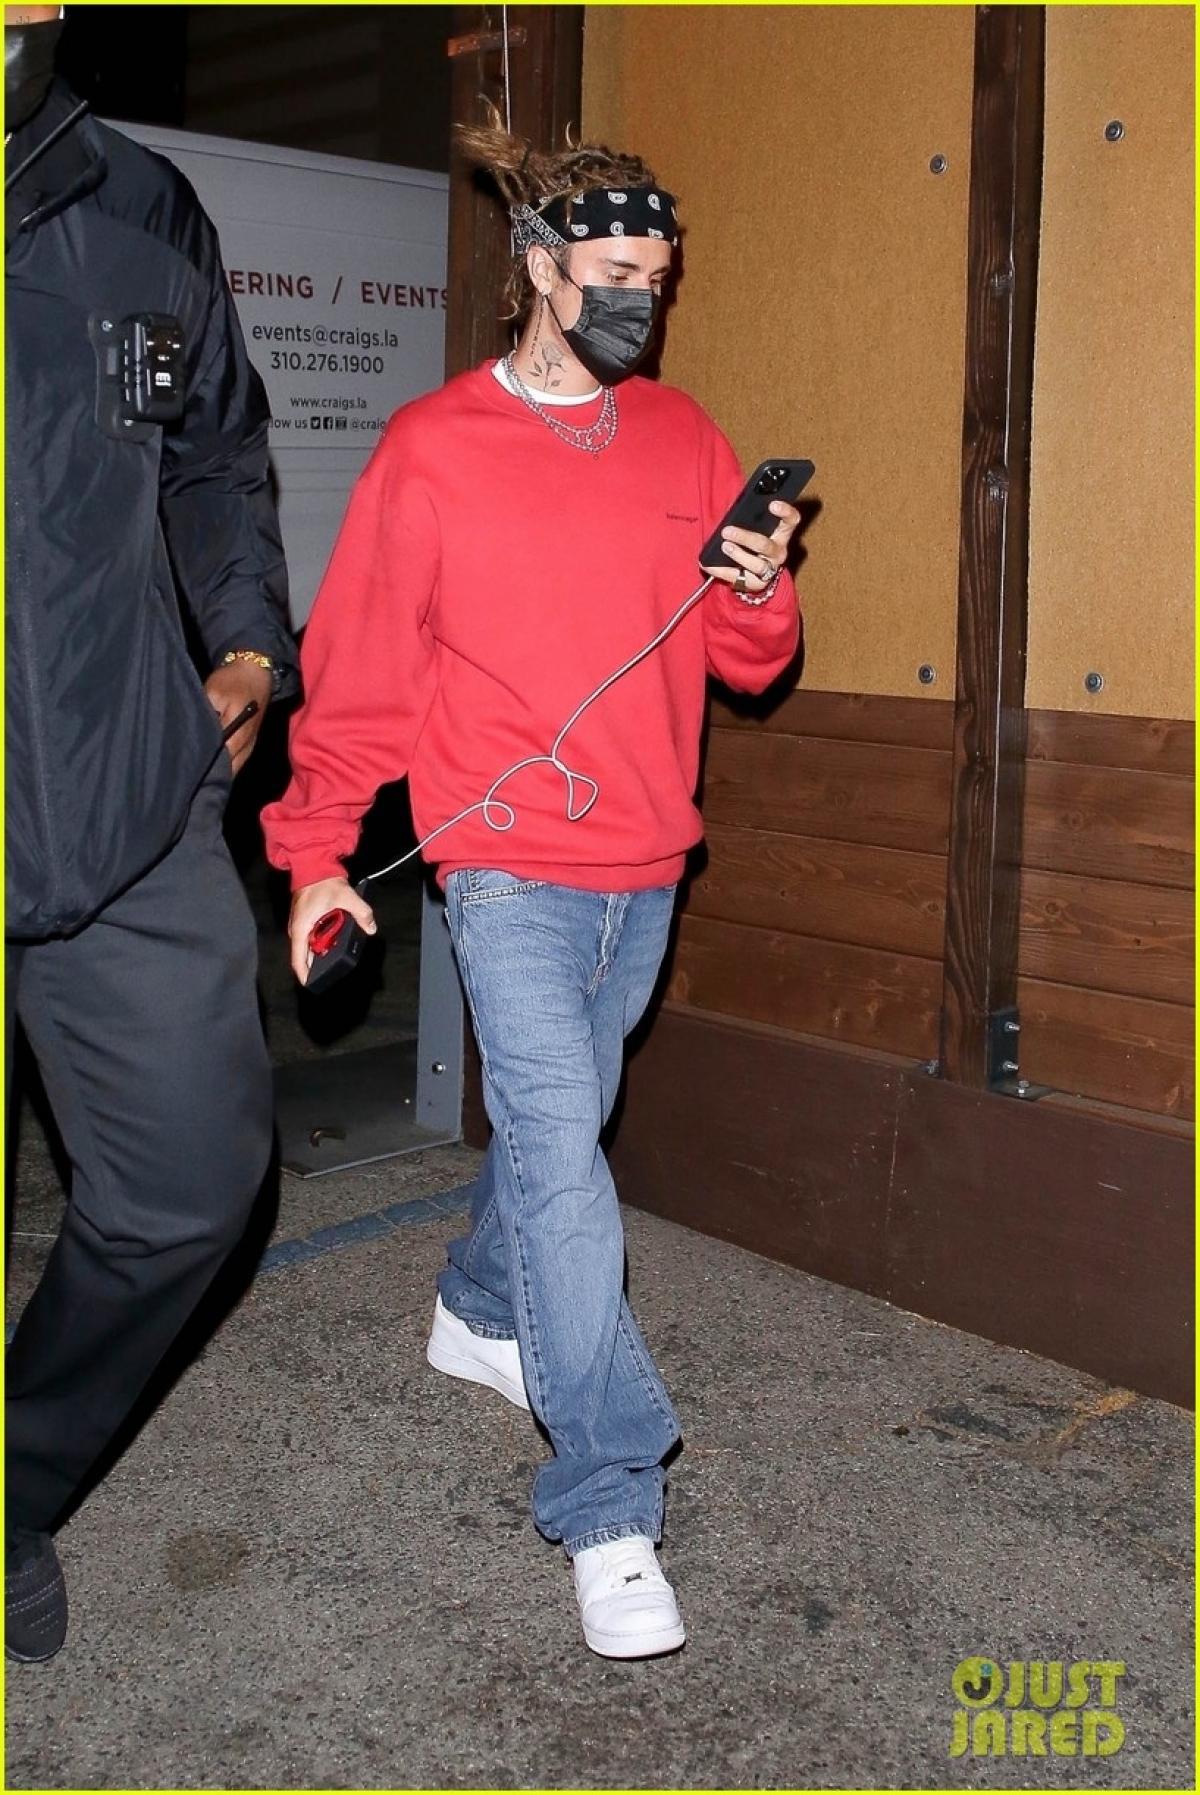 Justin Bieber khác lạ với tóc mới, cùng bà xã Hailey Baldwin đi ăn tối Ảnh 7